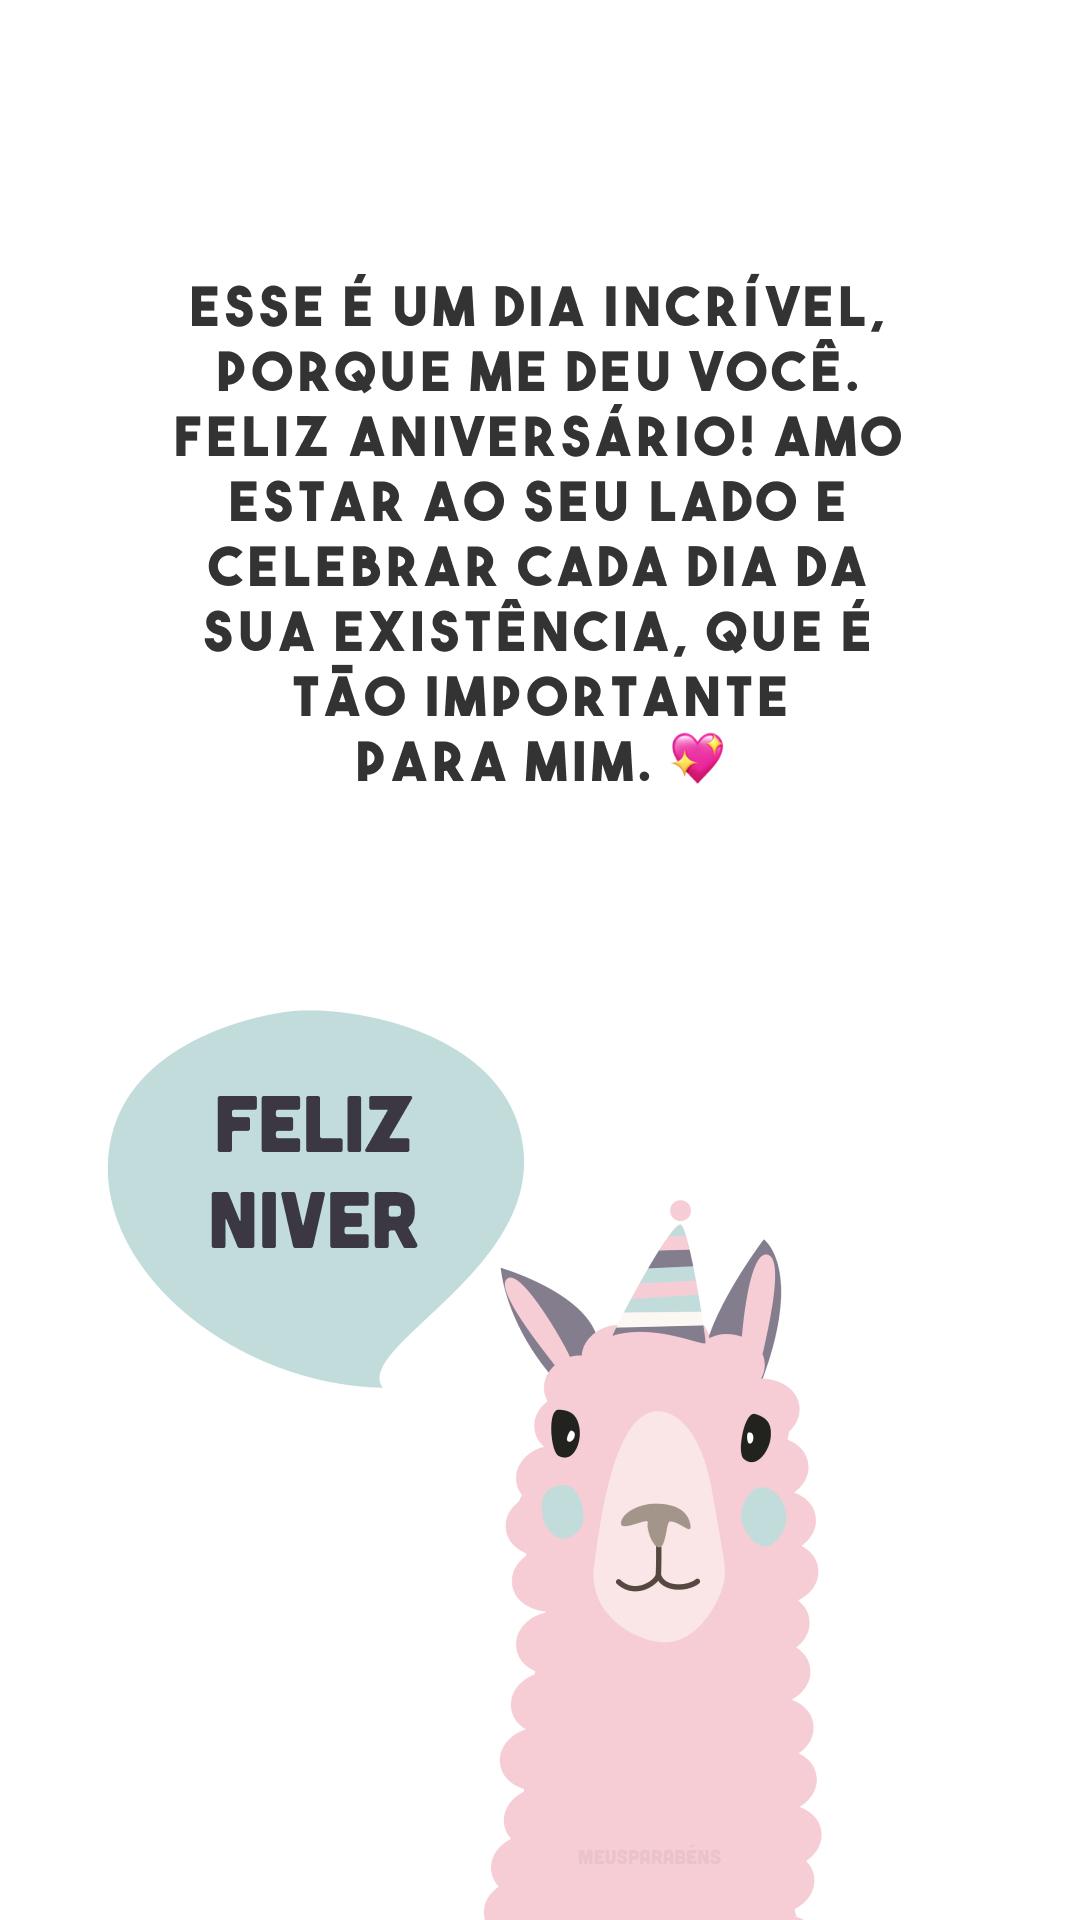 Esse é um dia incrível, porque me deu você. Feliz aniversário! Amo estar ao seu lado e celebrar cada dia da sua existência, que é tão importante para mim. 💖